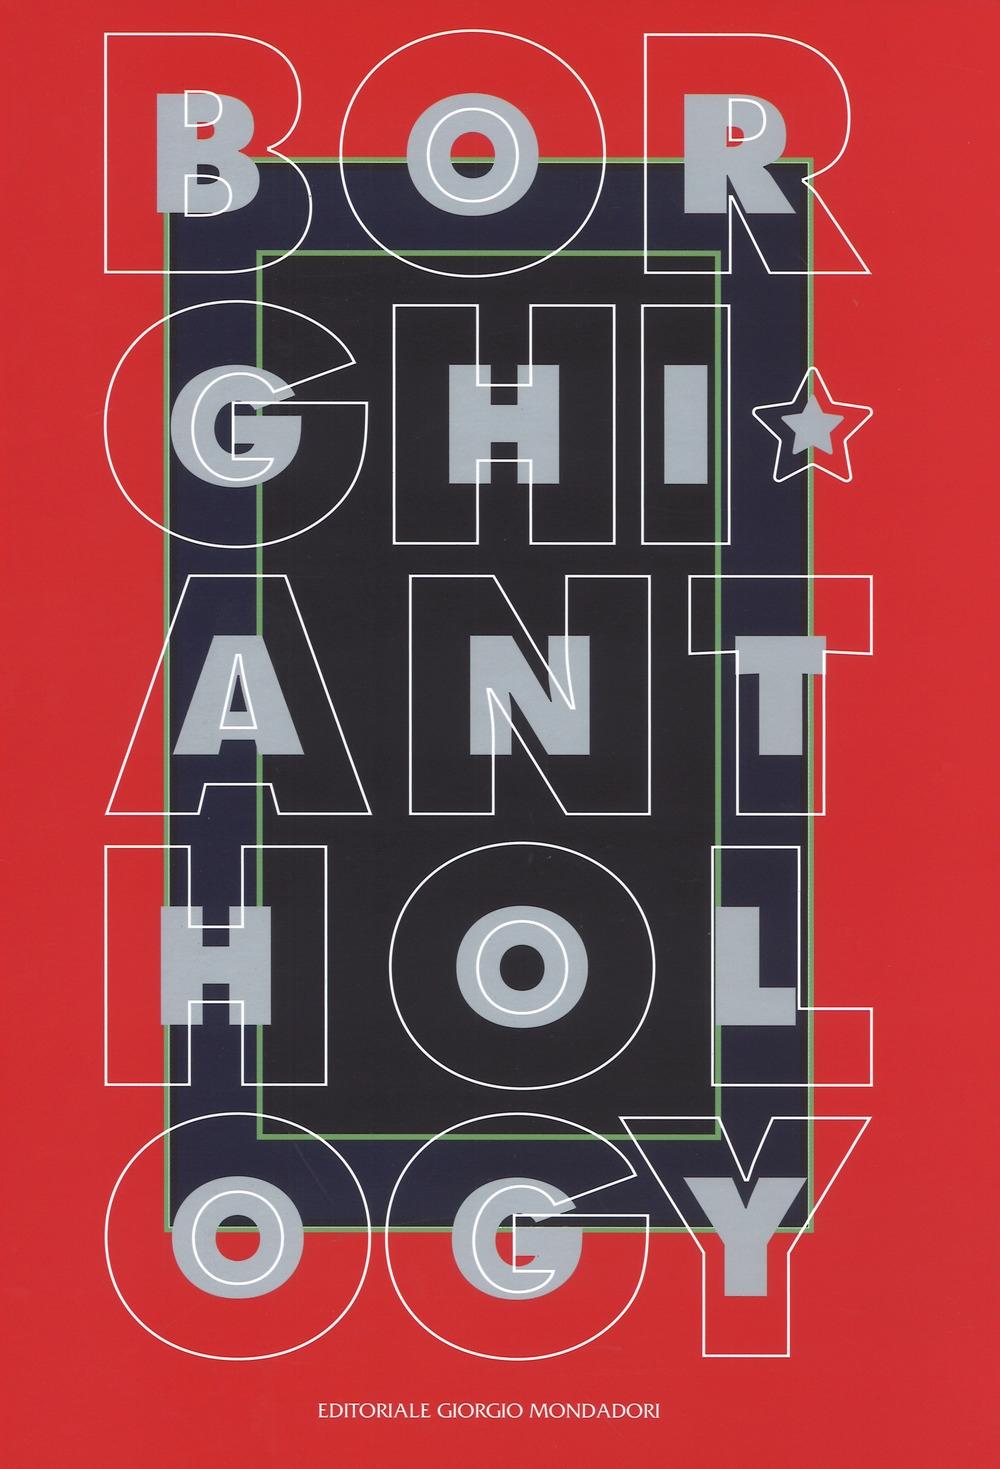 Alfonso Borghi. Anthology.